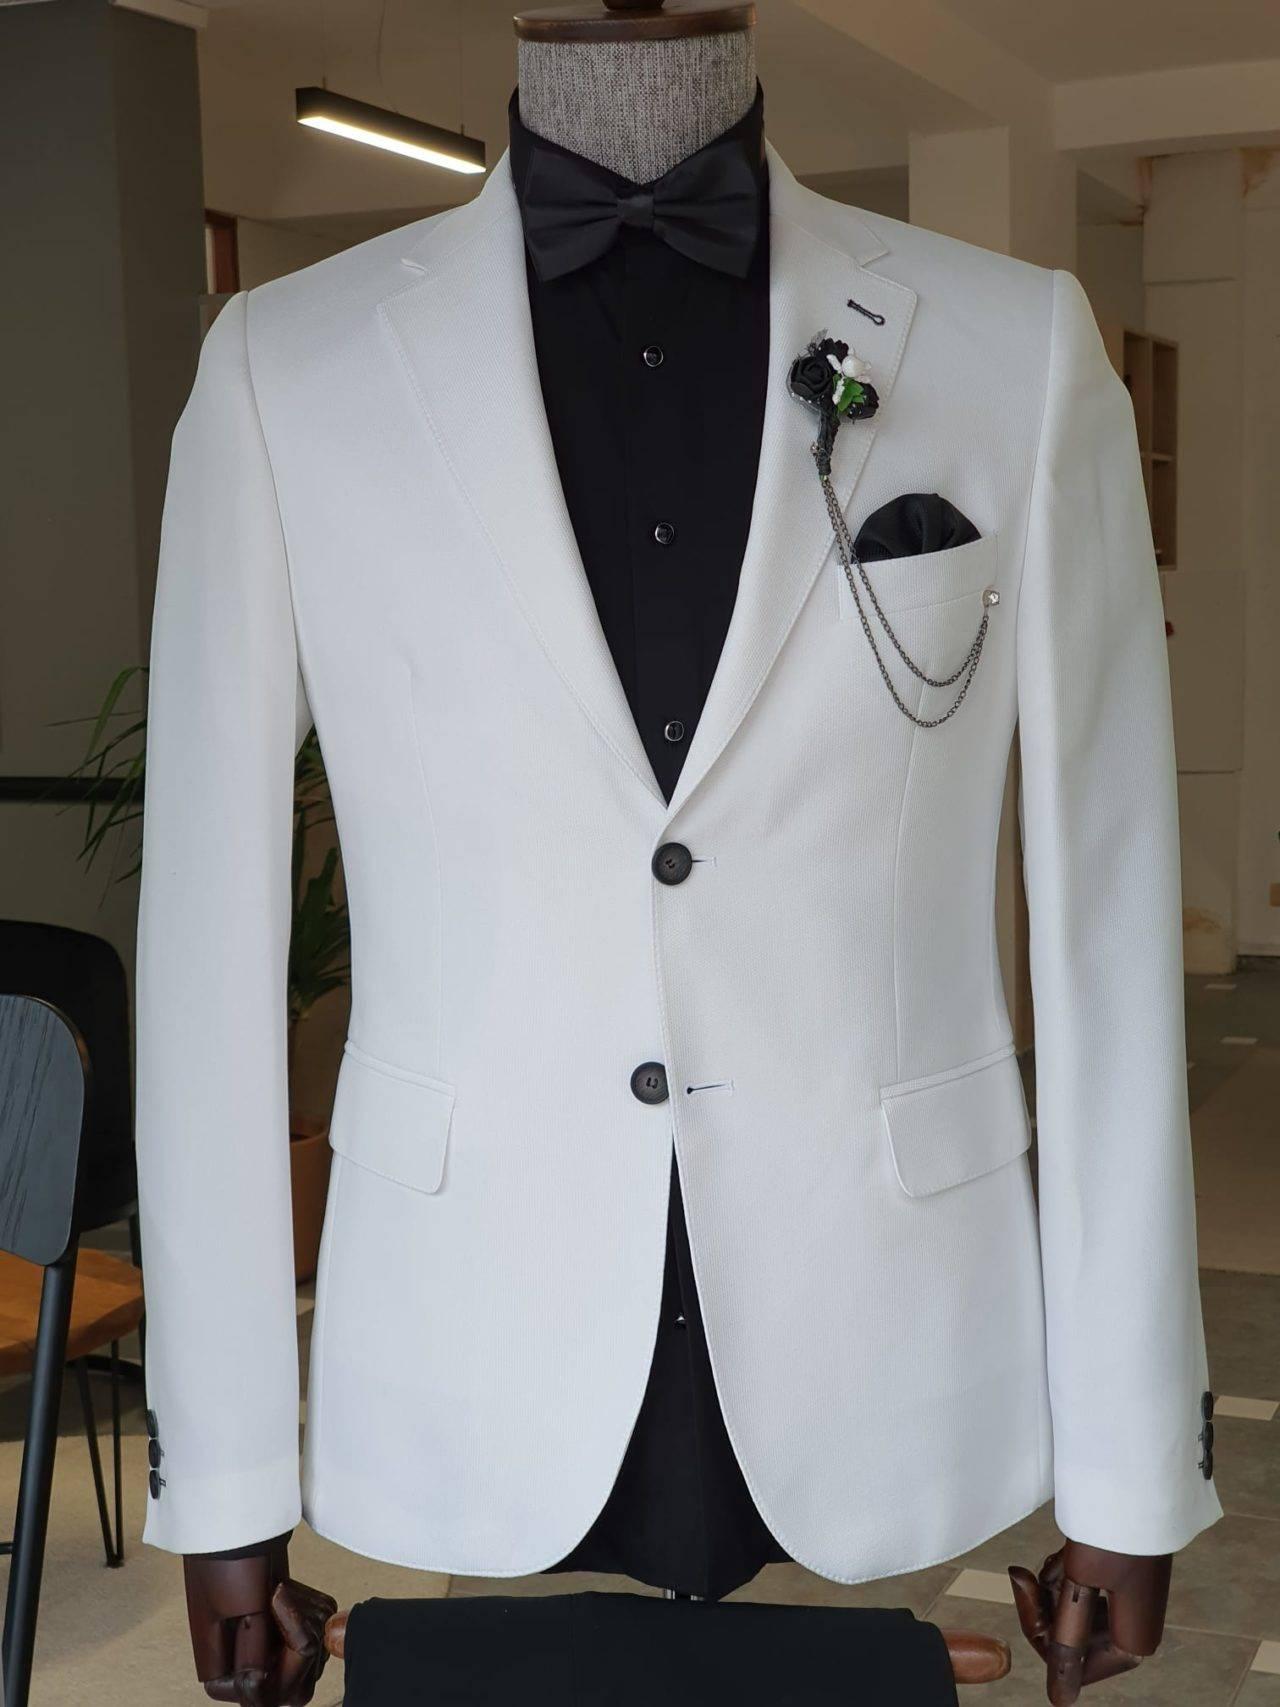 Aysoti Evora White Slim Fit Notch Lapel Cotton Blazer